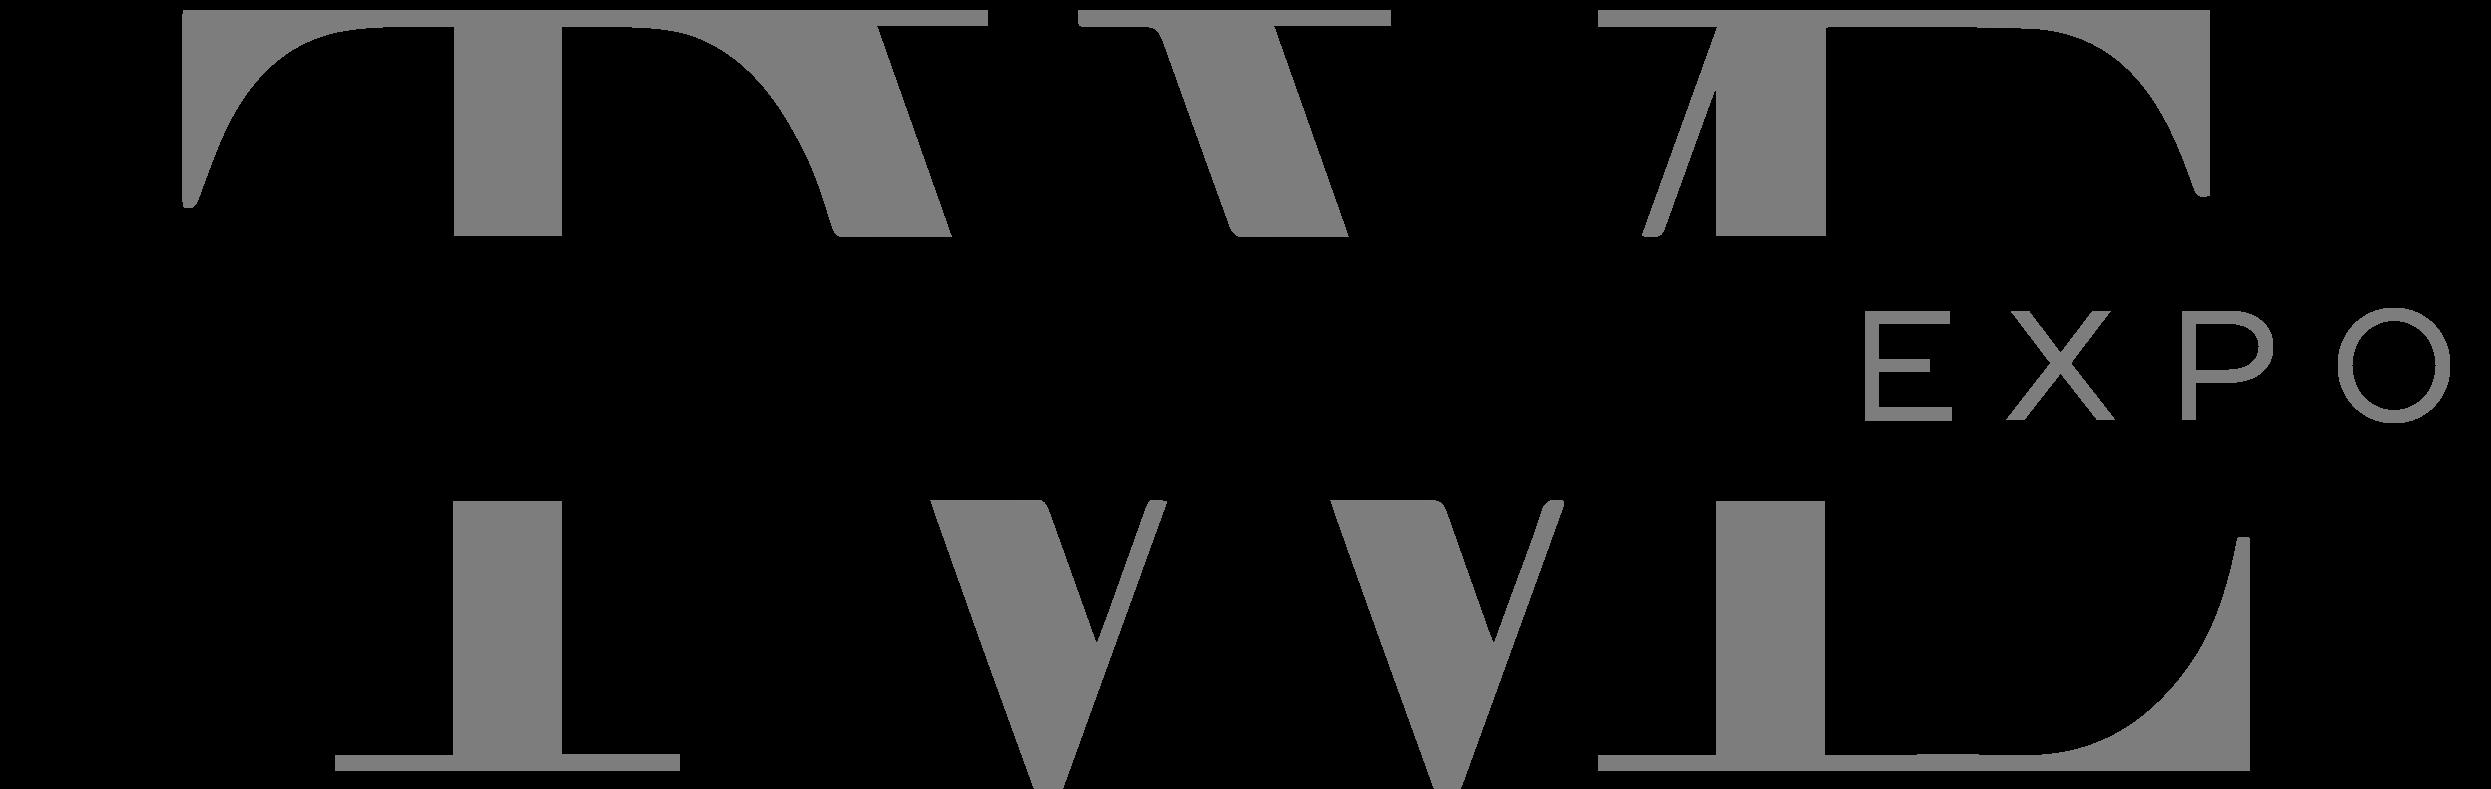 TWE-Logos-FINAL-09